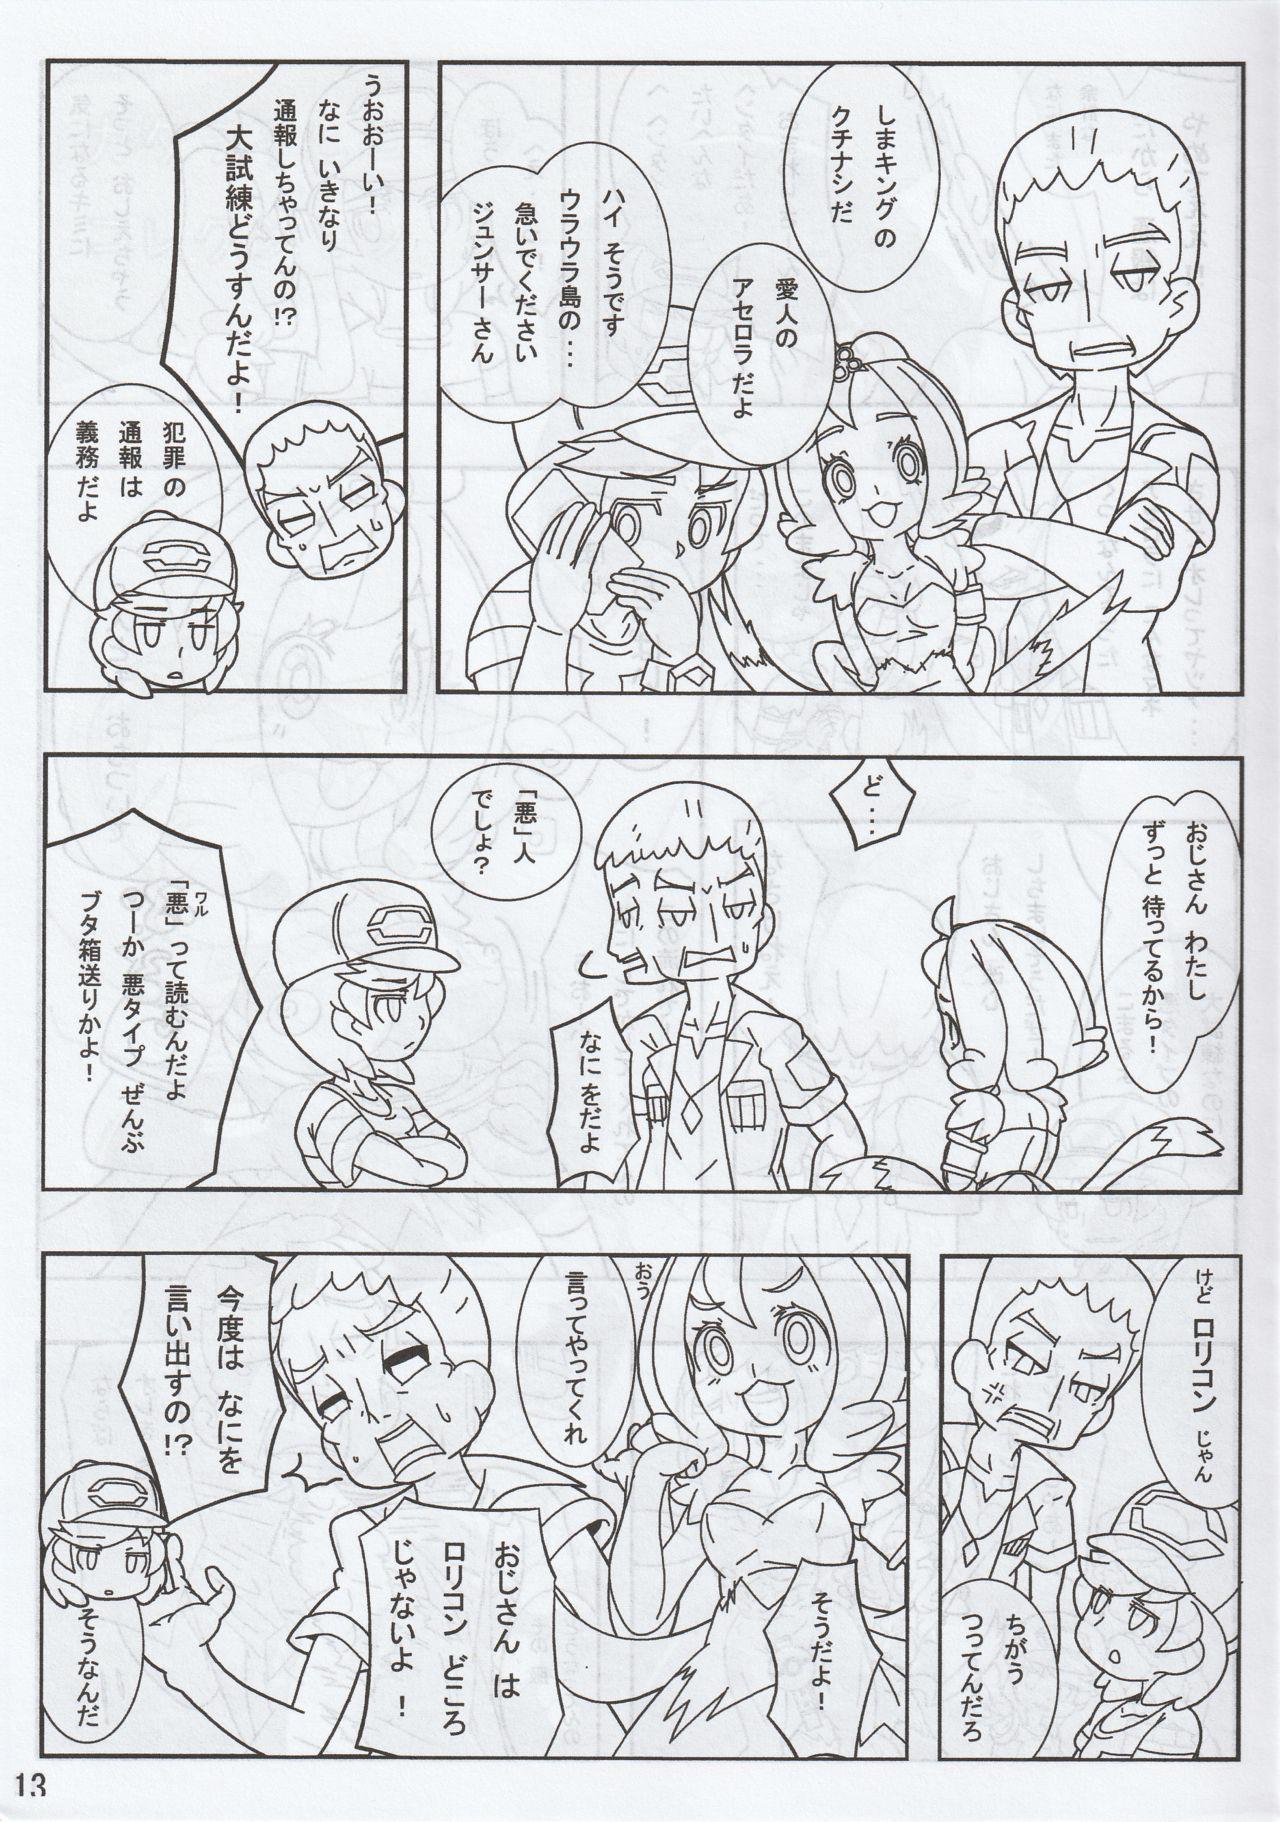 Minnano Monogatari / Tetsukiki 13